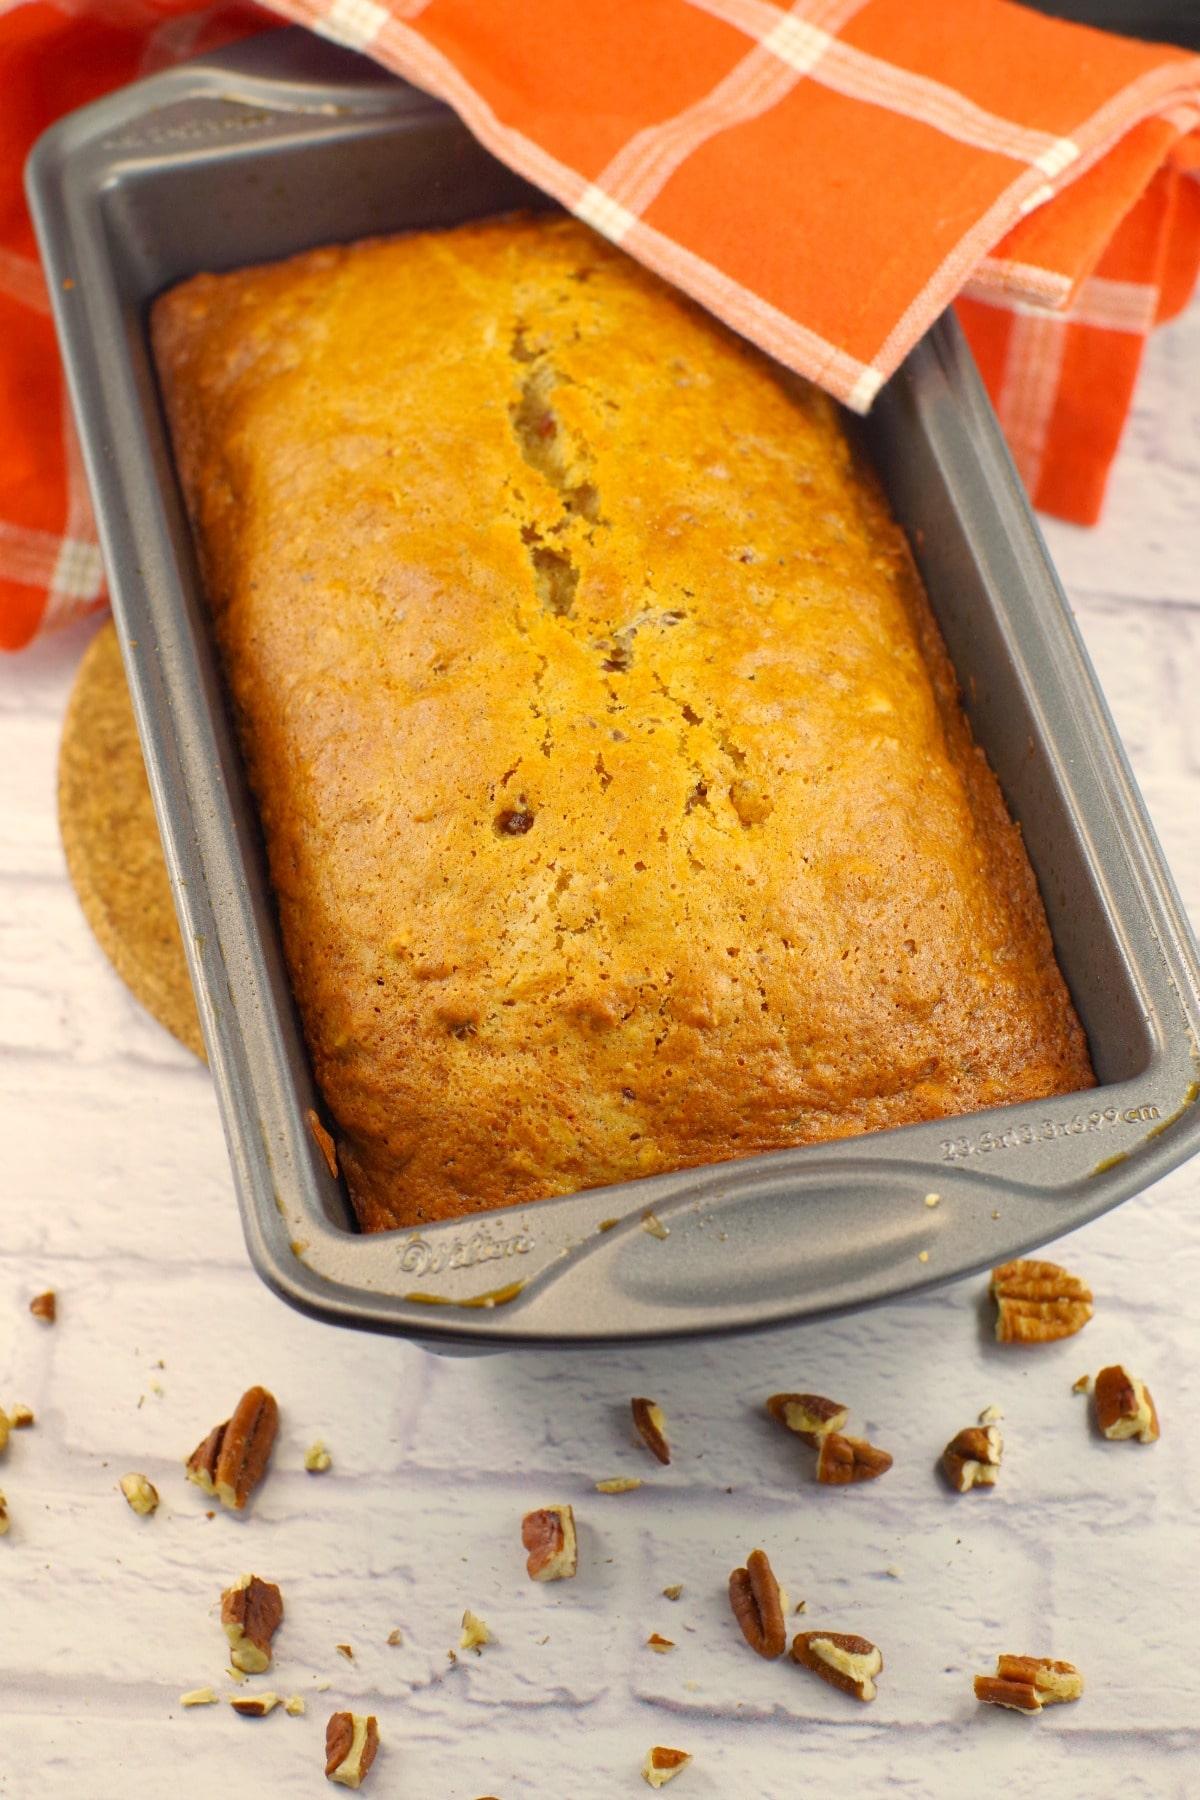 Old fashioned Date Nut Loaf | #dateloaf #oldfashioneddateloaf - Foodmeanederings.com